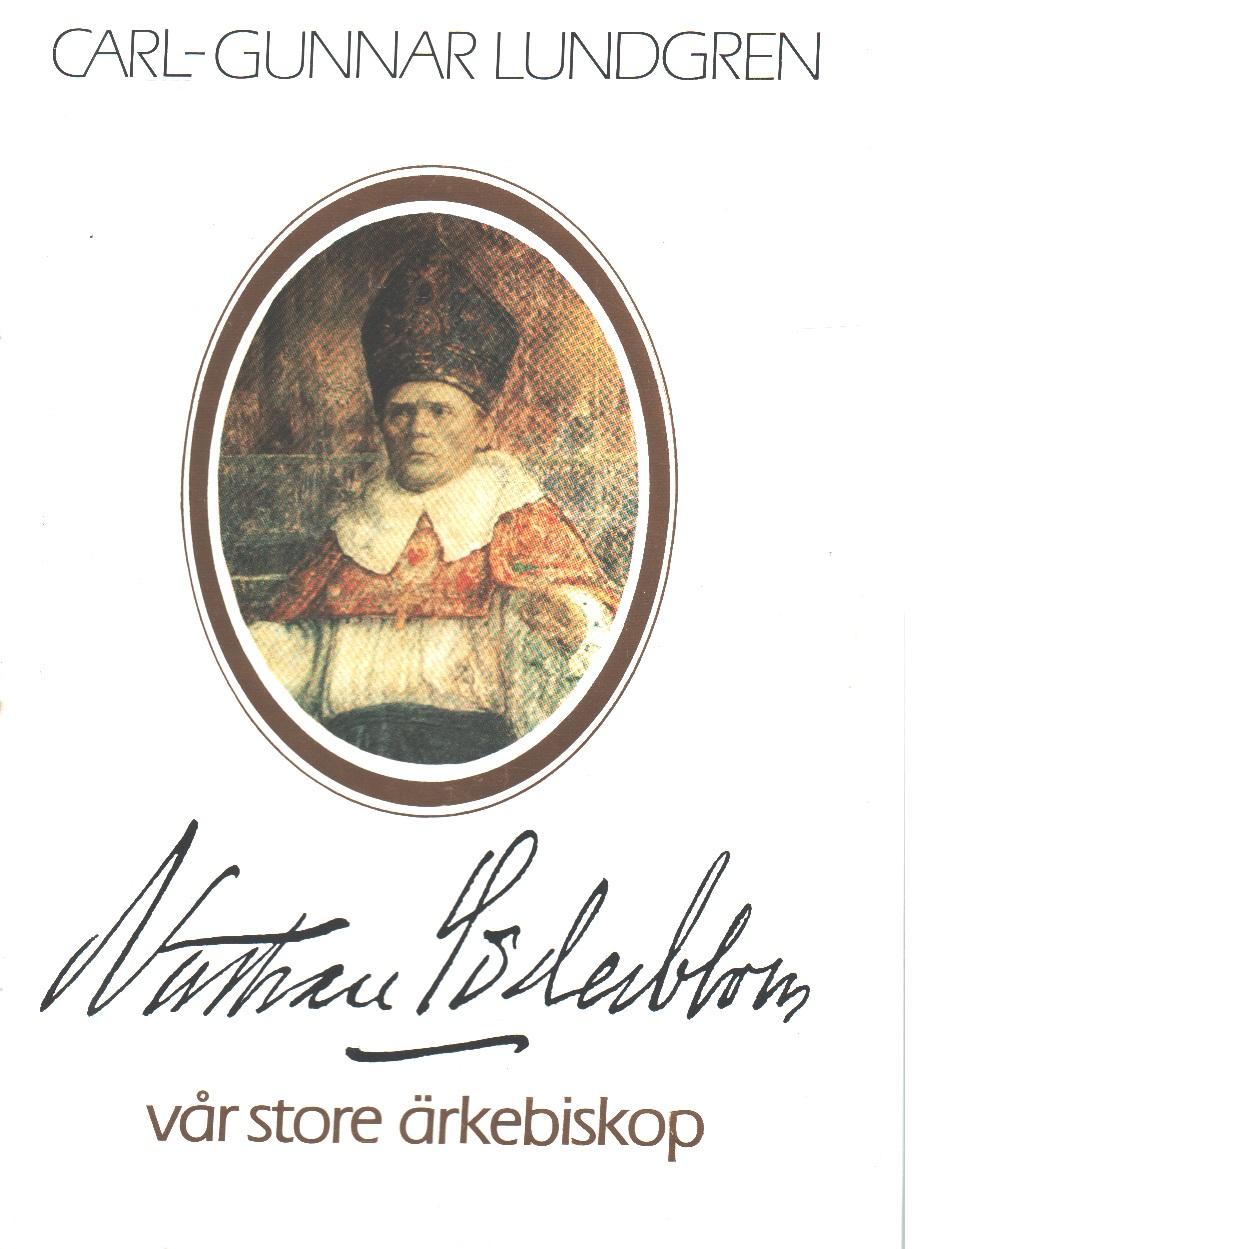 Nathan Söderblom, vår store ärkebiskop : en uppdaterad biografi - Lundgren, Carl-Gunnar